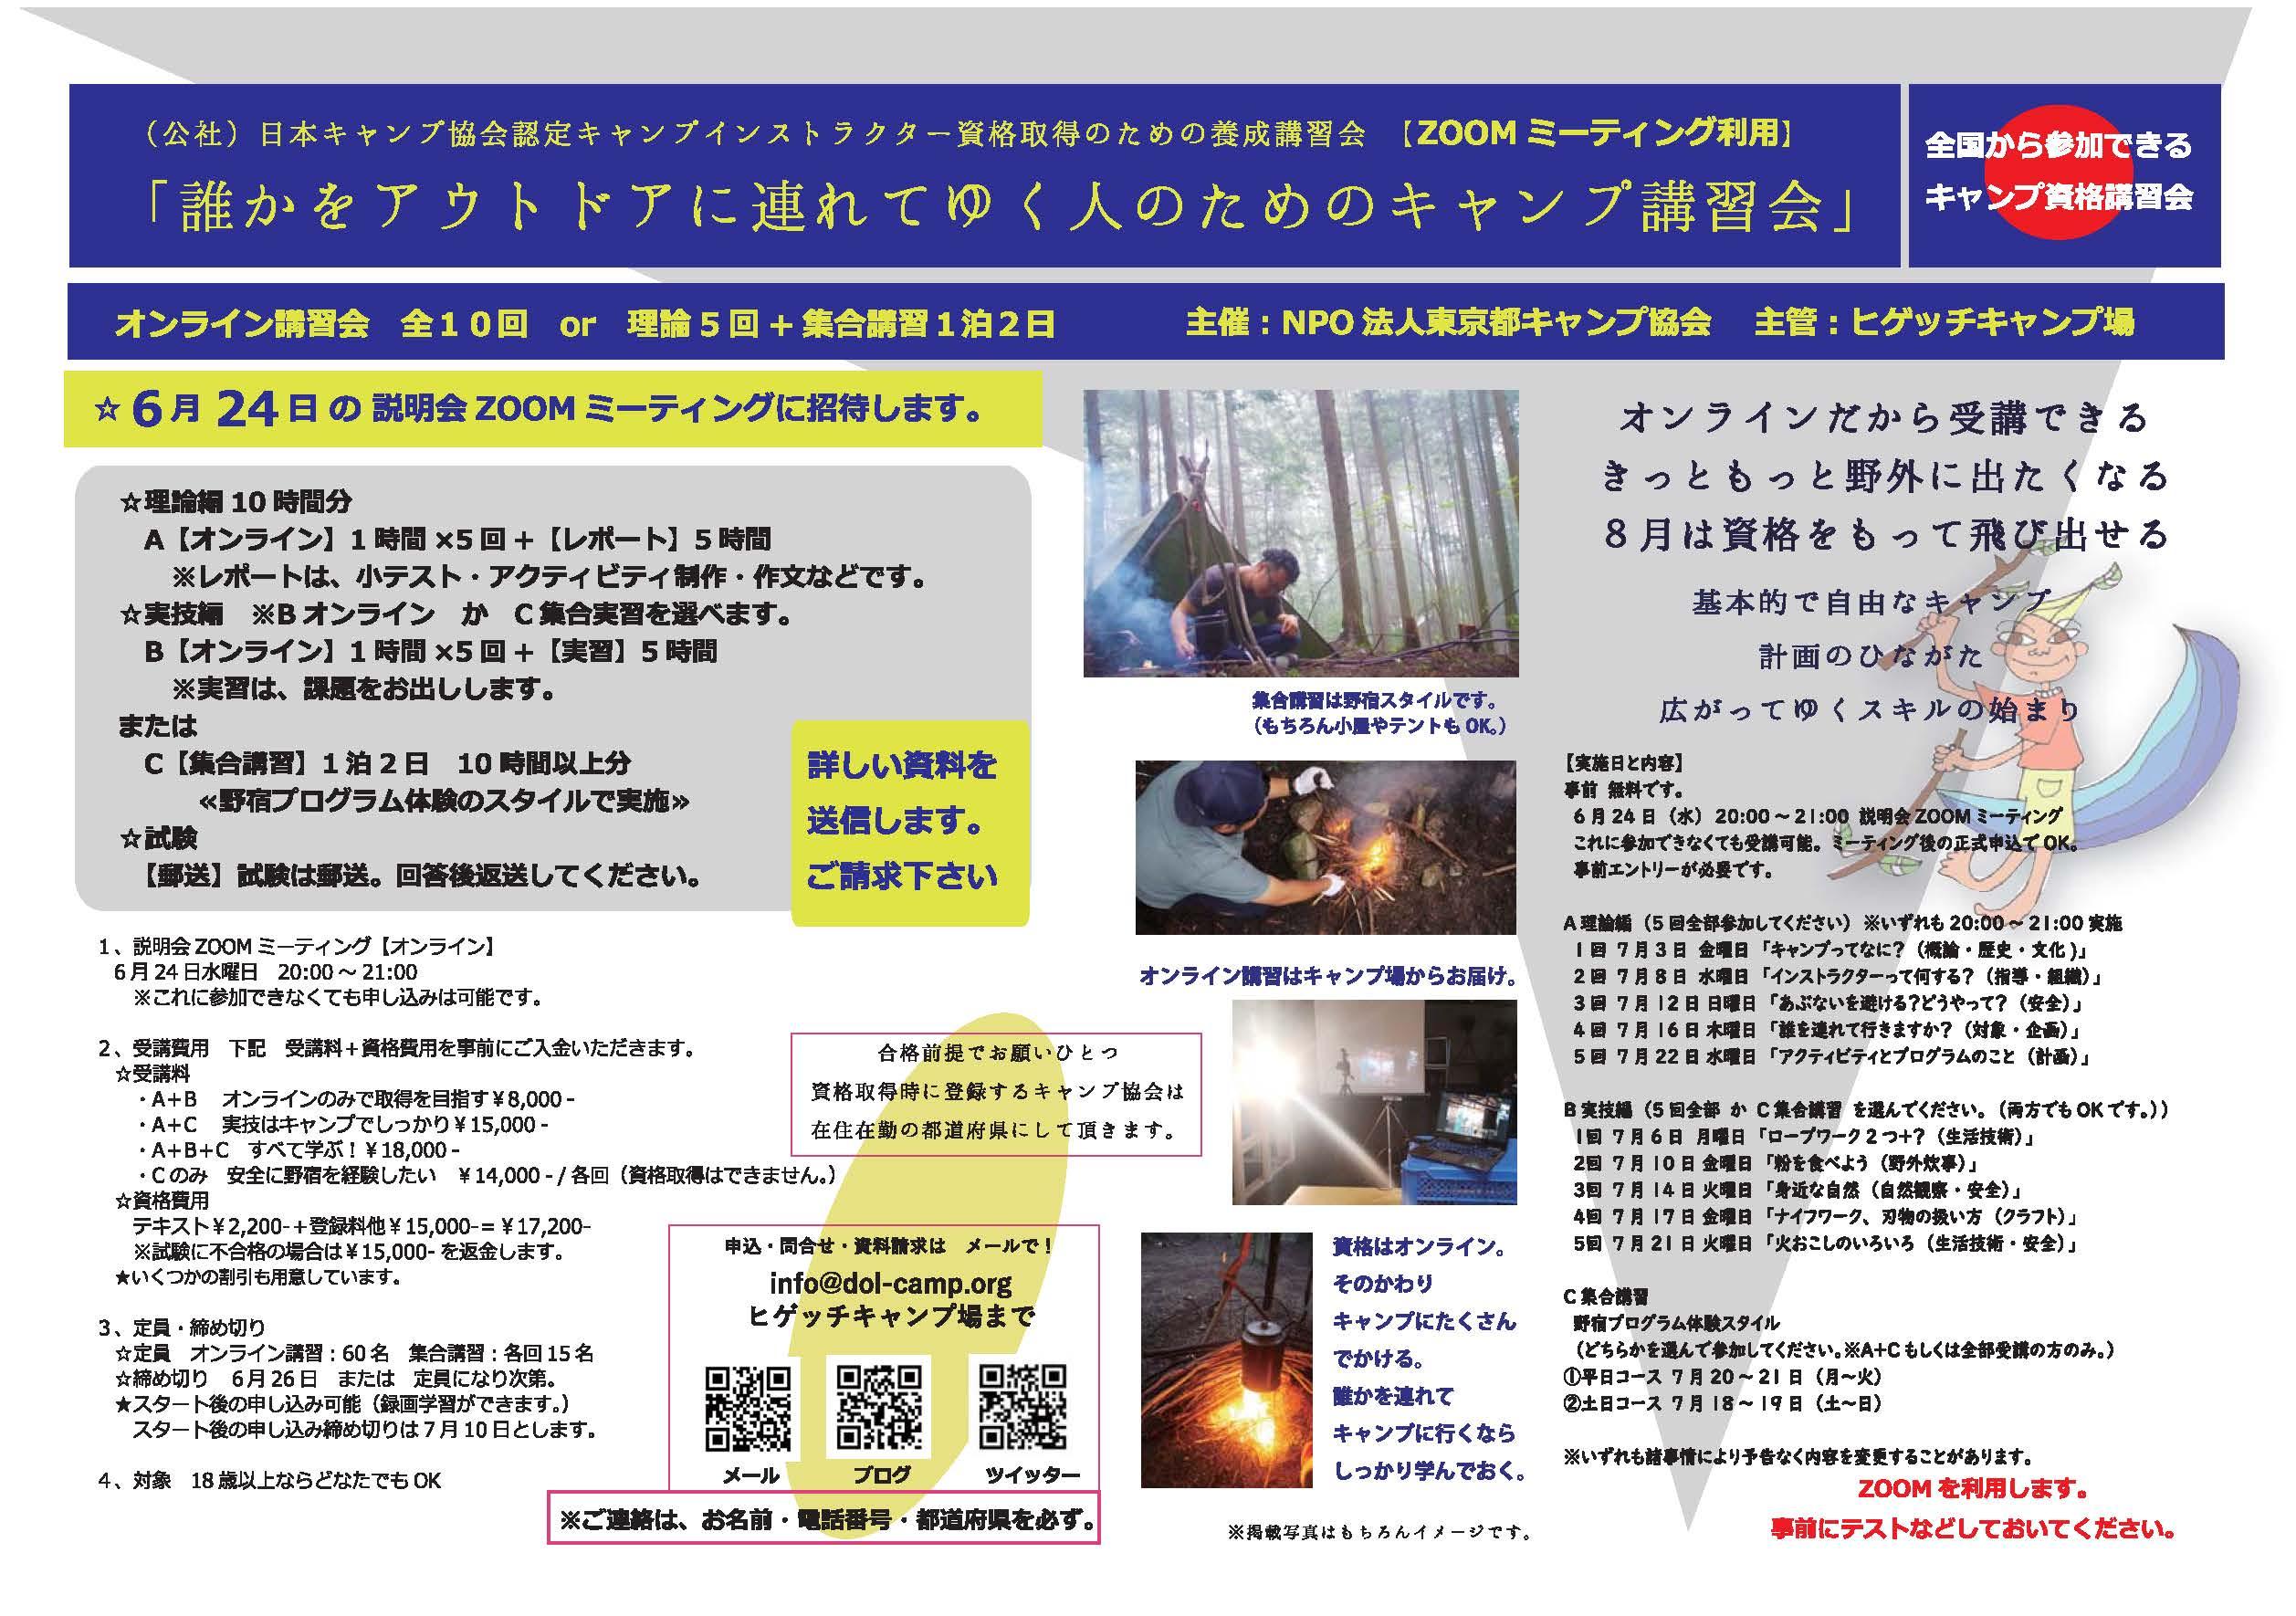 WEB:キャンプインストラクター養成講習会(6/24、7/3・8・12・16・22、7/6・10・14・17・21、7/20~21、7/18~19) @ オンライン